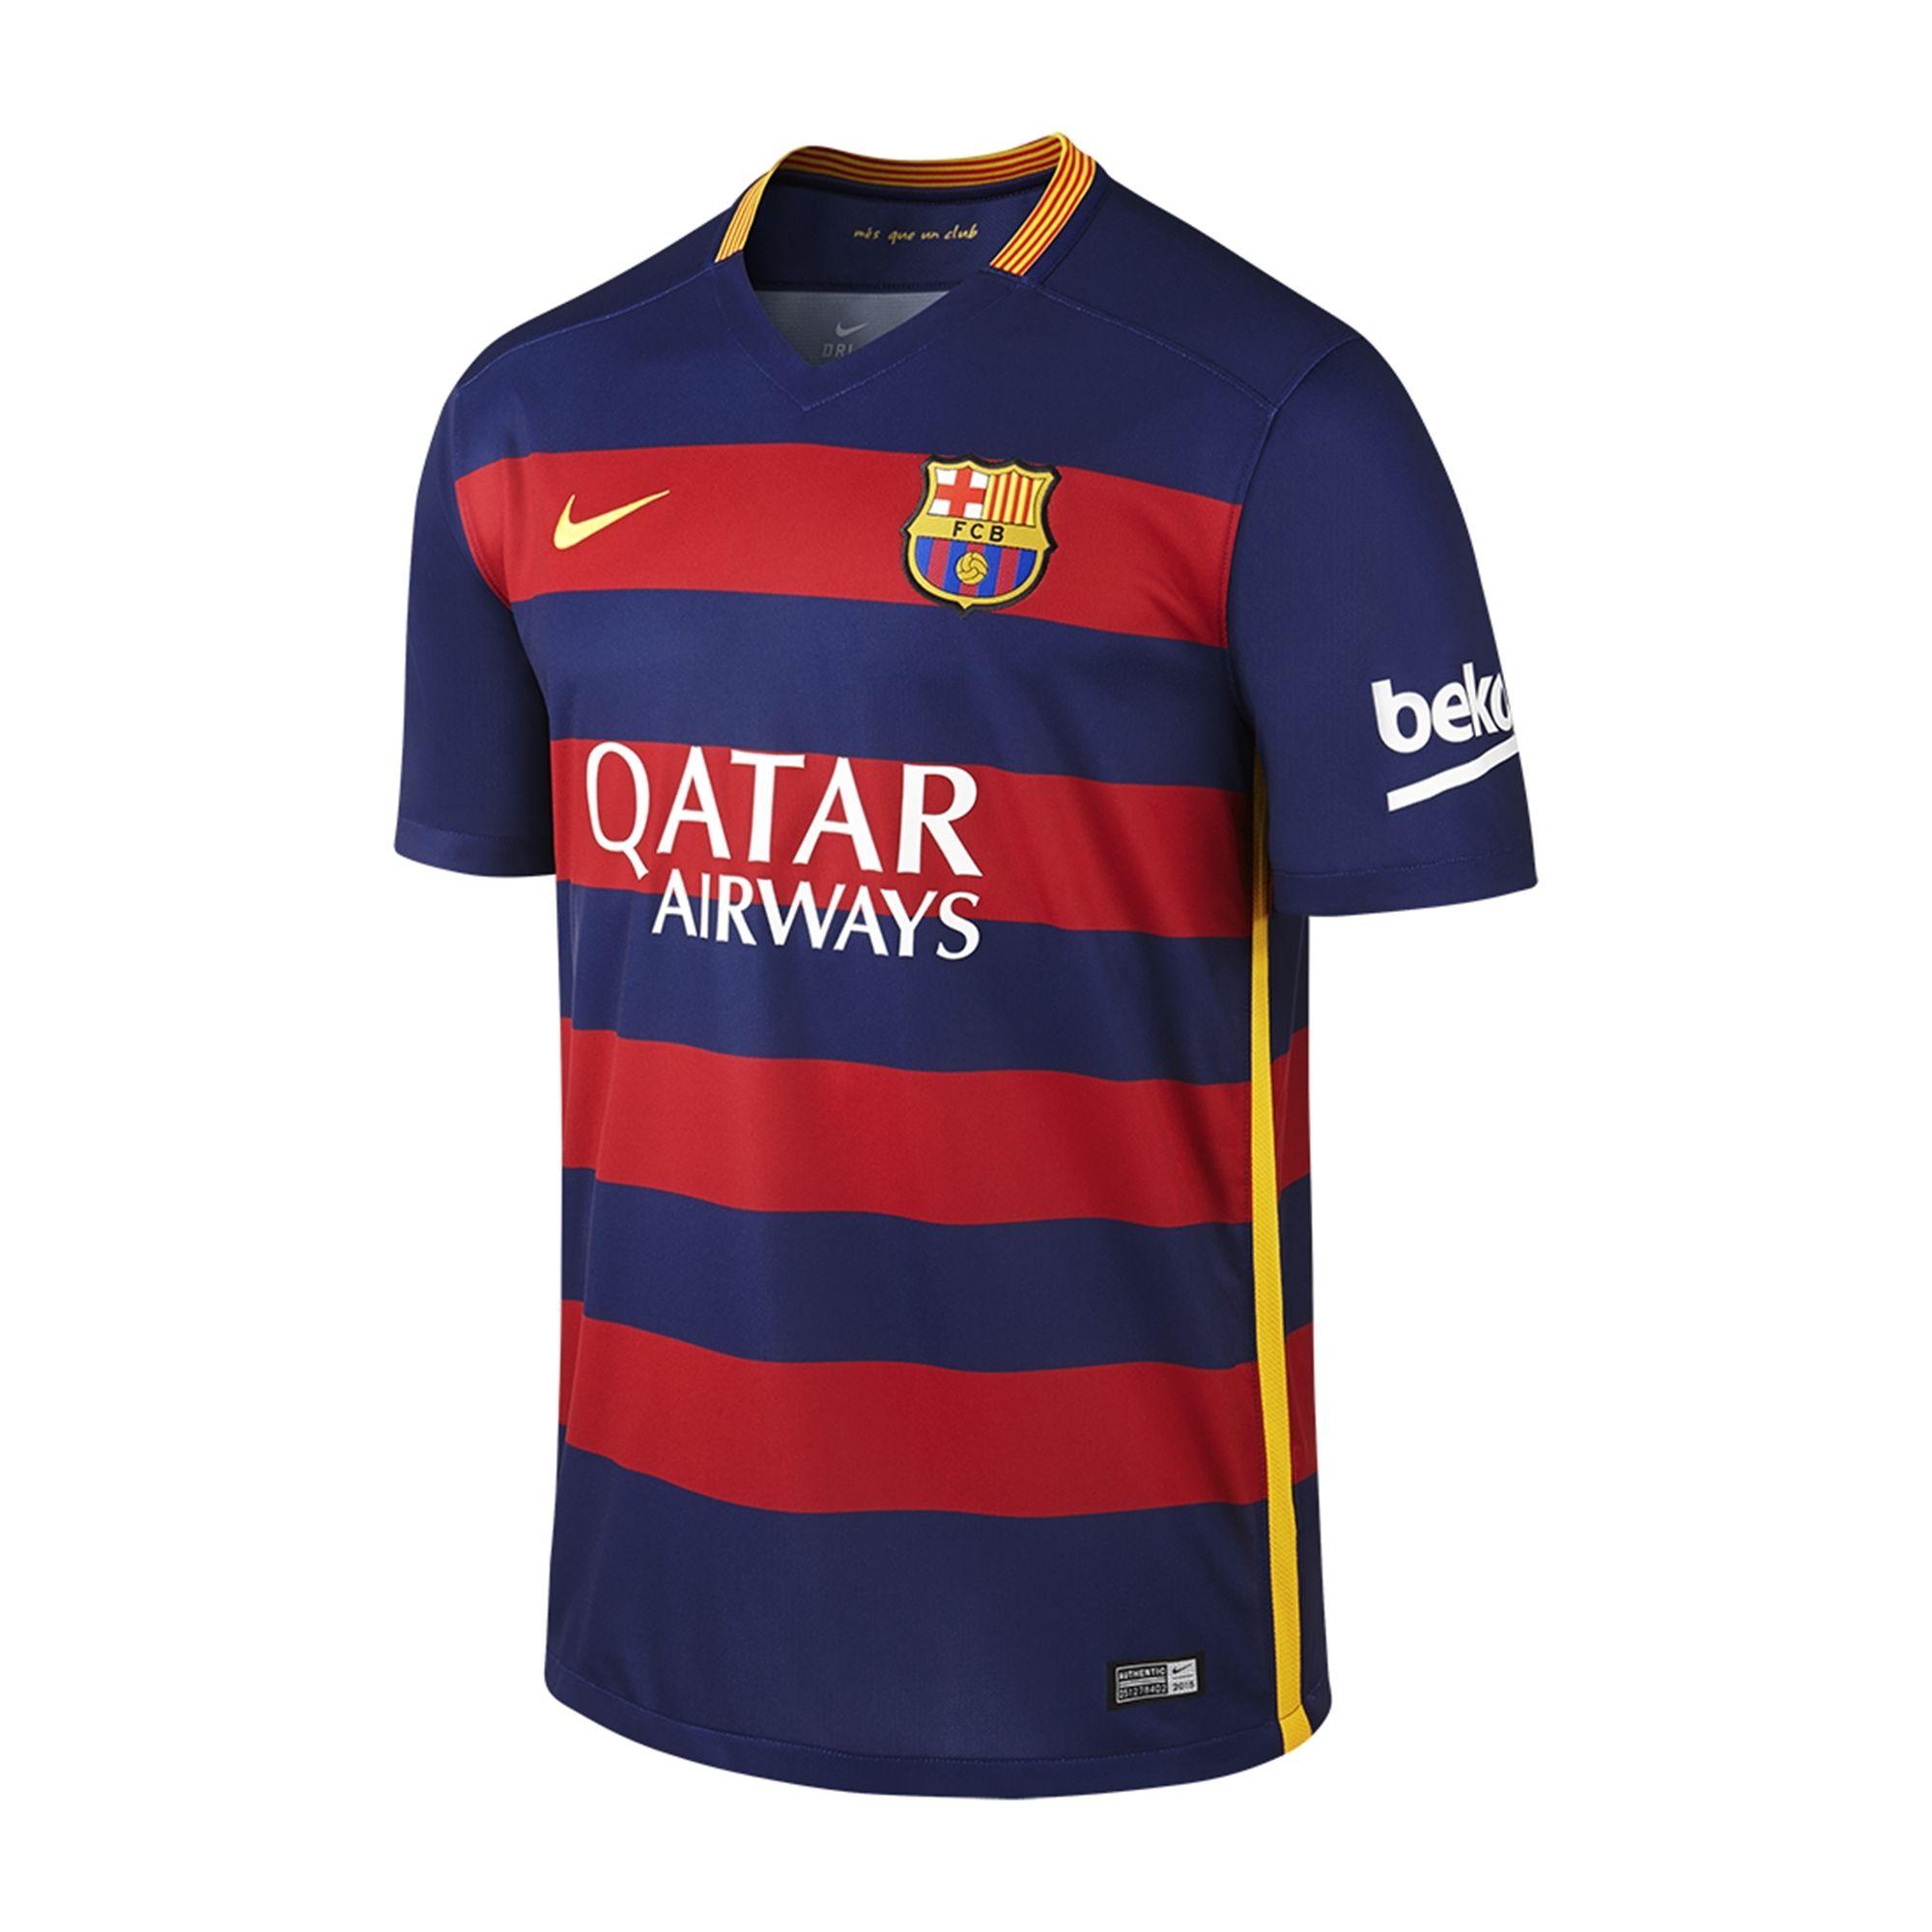 Aprovecha el código descuento Barcelona FC para comprar productos oficiales de la marca.  #BarcelonaFC #deporte #fútbol #tienda #oficial #camiseta